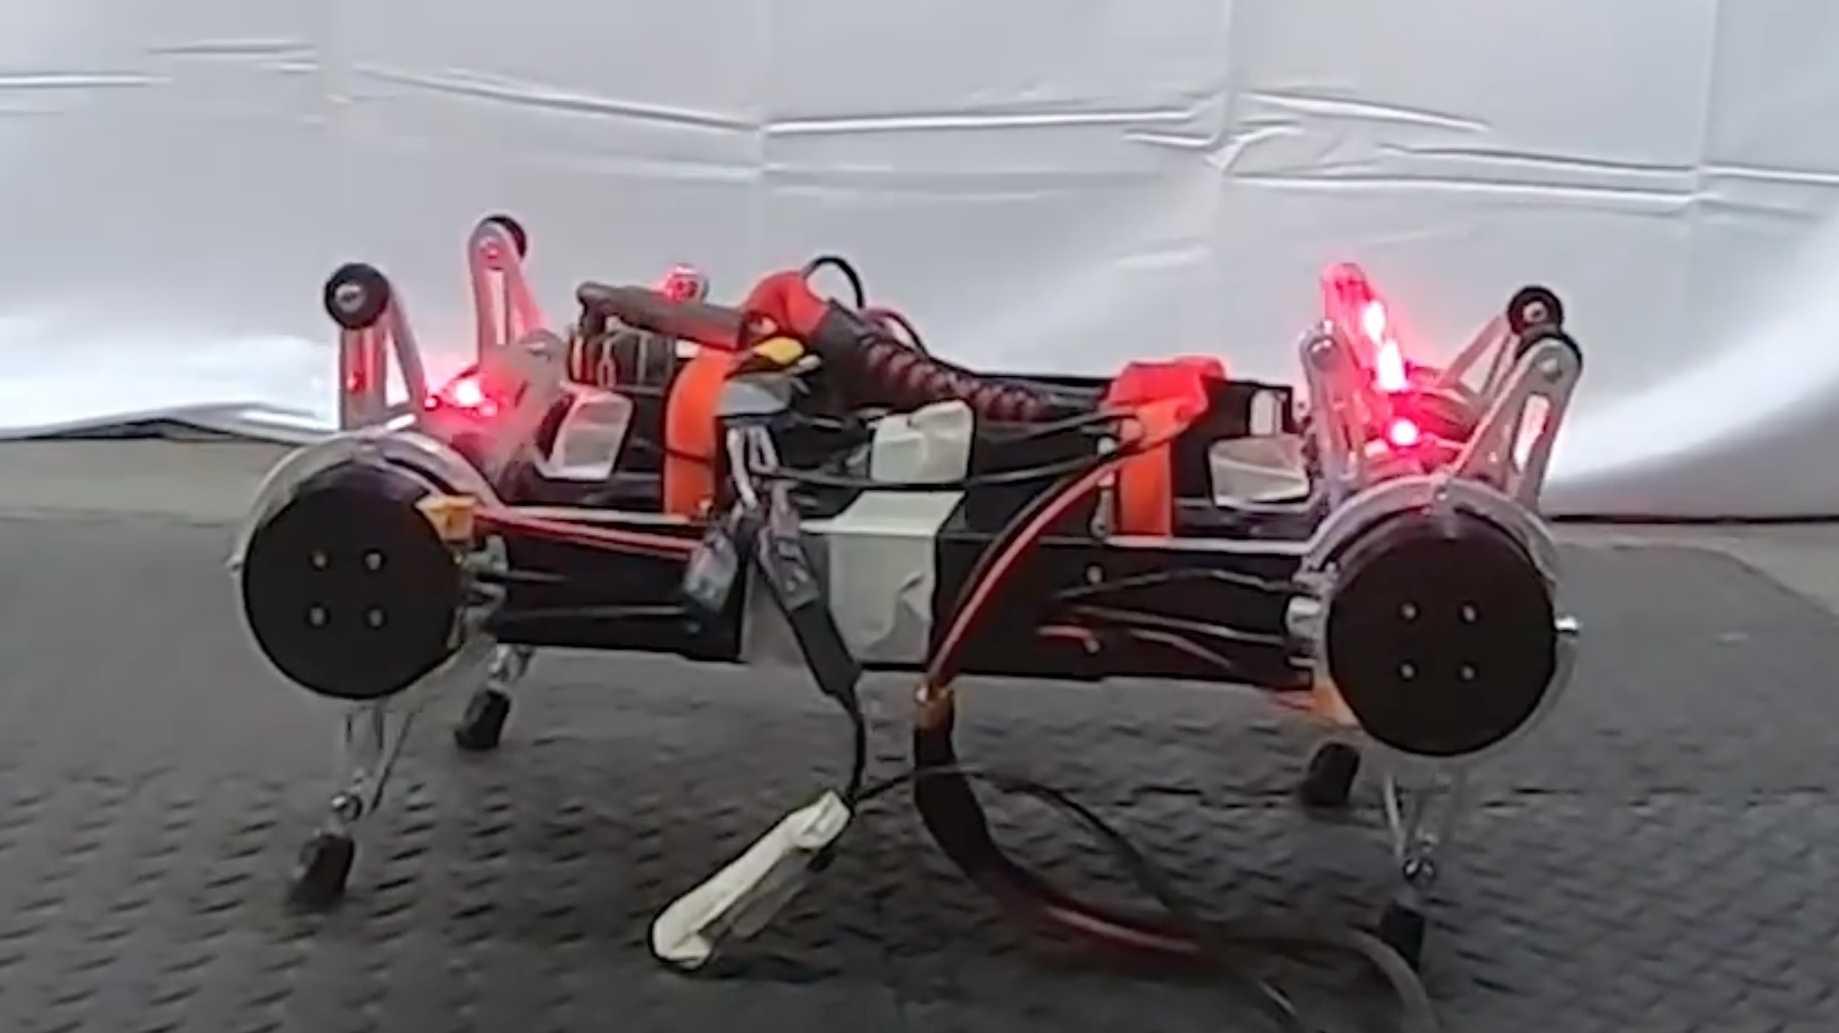 Robotik-Konferenz RSS: Roboter müssen noch viel lernen